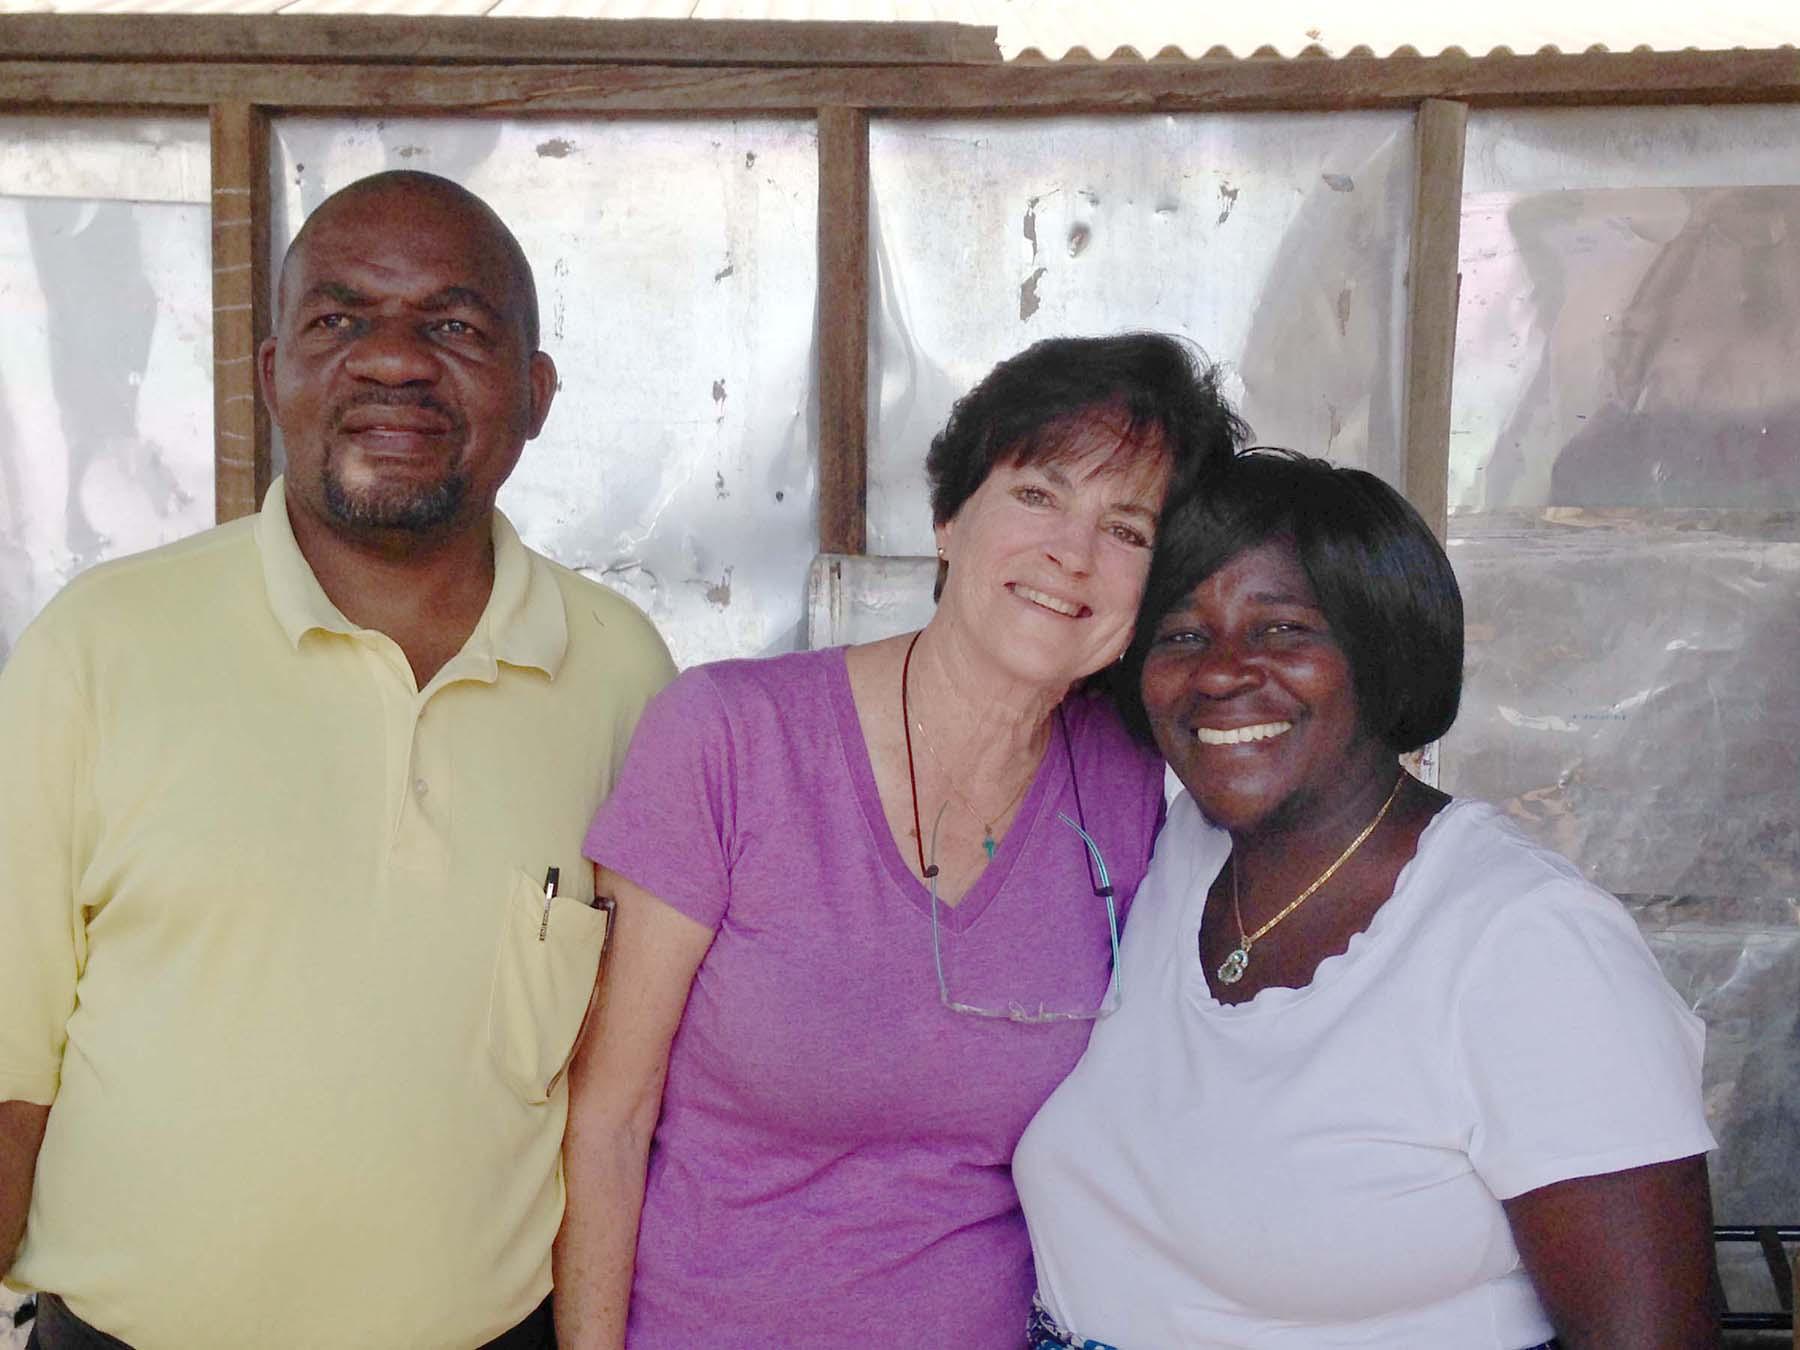 Pastor Wozifera Ngoma, Heidi, and Pastor Easter Ngoma, Zambia, Africa